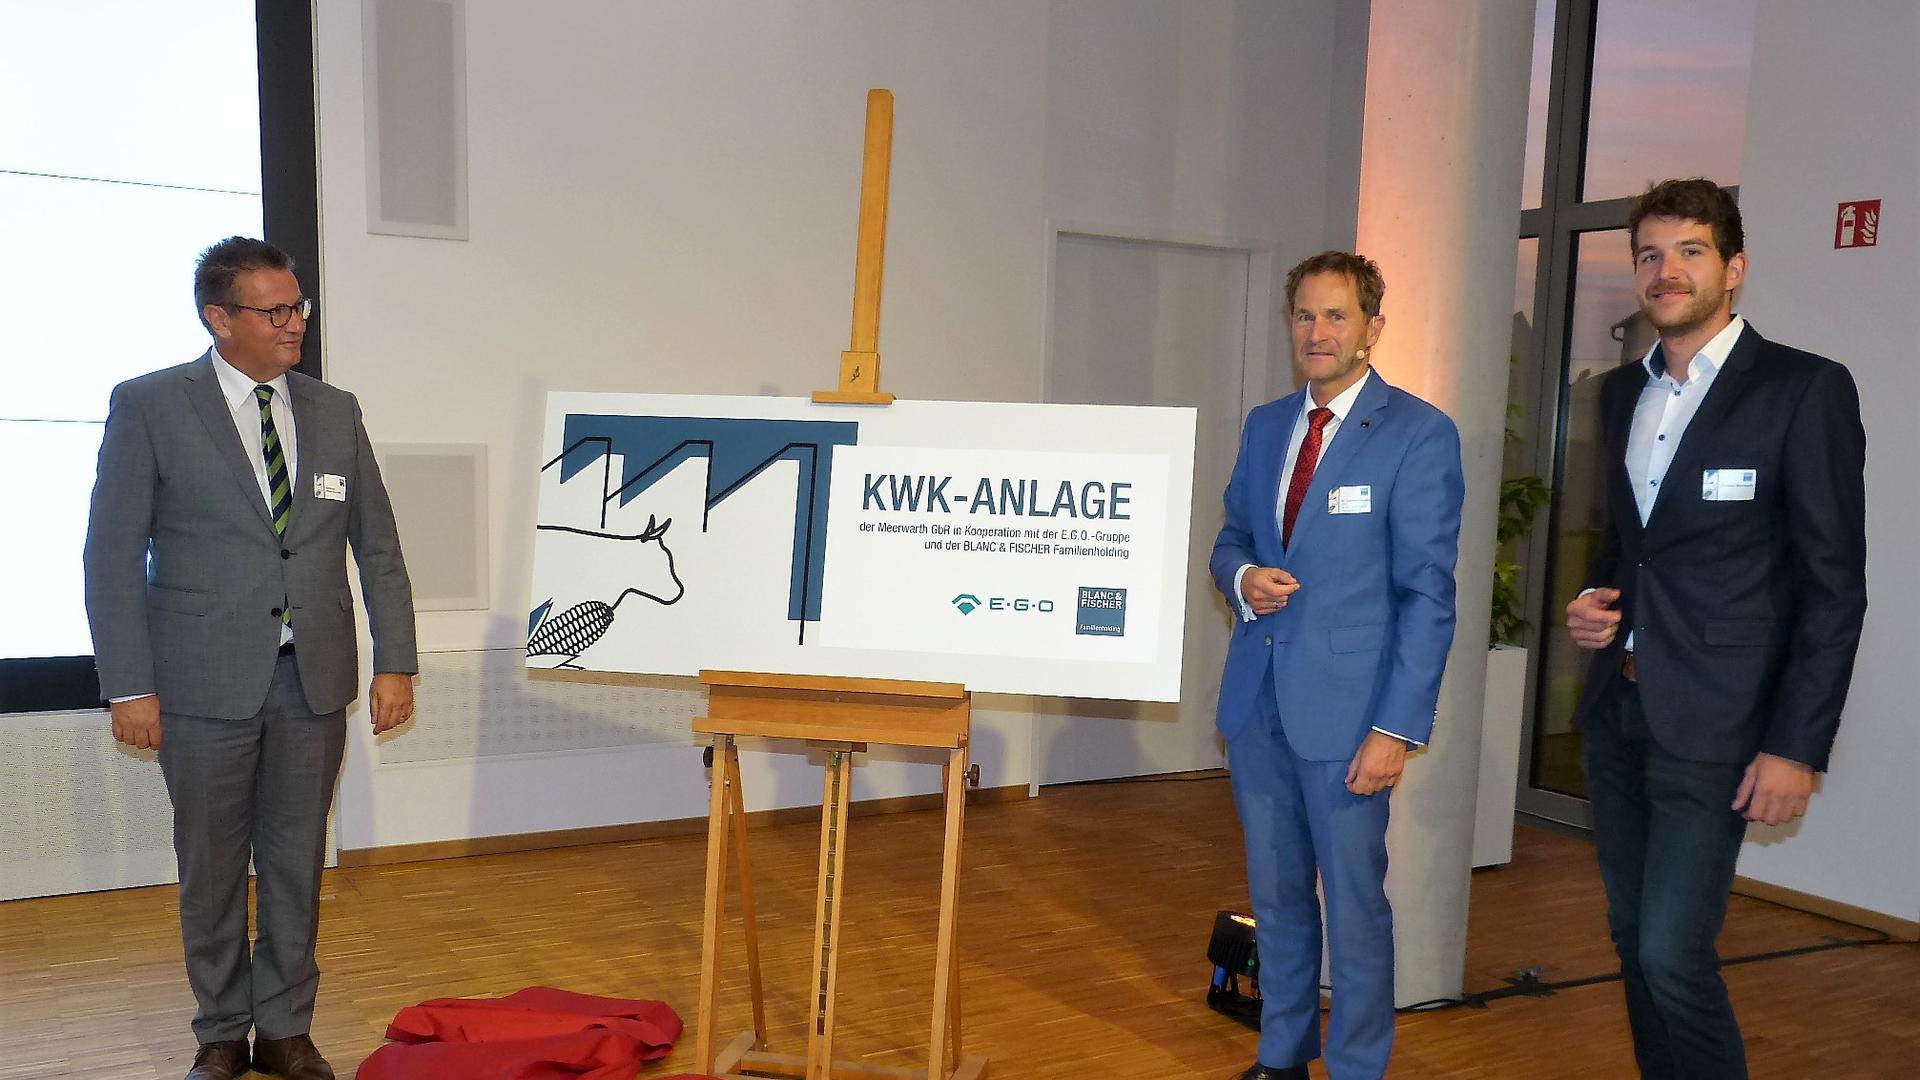 Eröffnen symbolisch die Erweiterung der Biogasanlage und des neuen Blockheizkraftwerks. Landwirtschaftsminister Peter Hauk, Dr. Karlheinz Hörsting und Christian Meerwarth (von links).